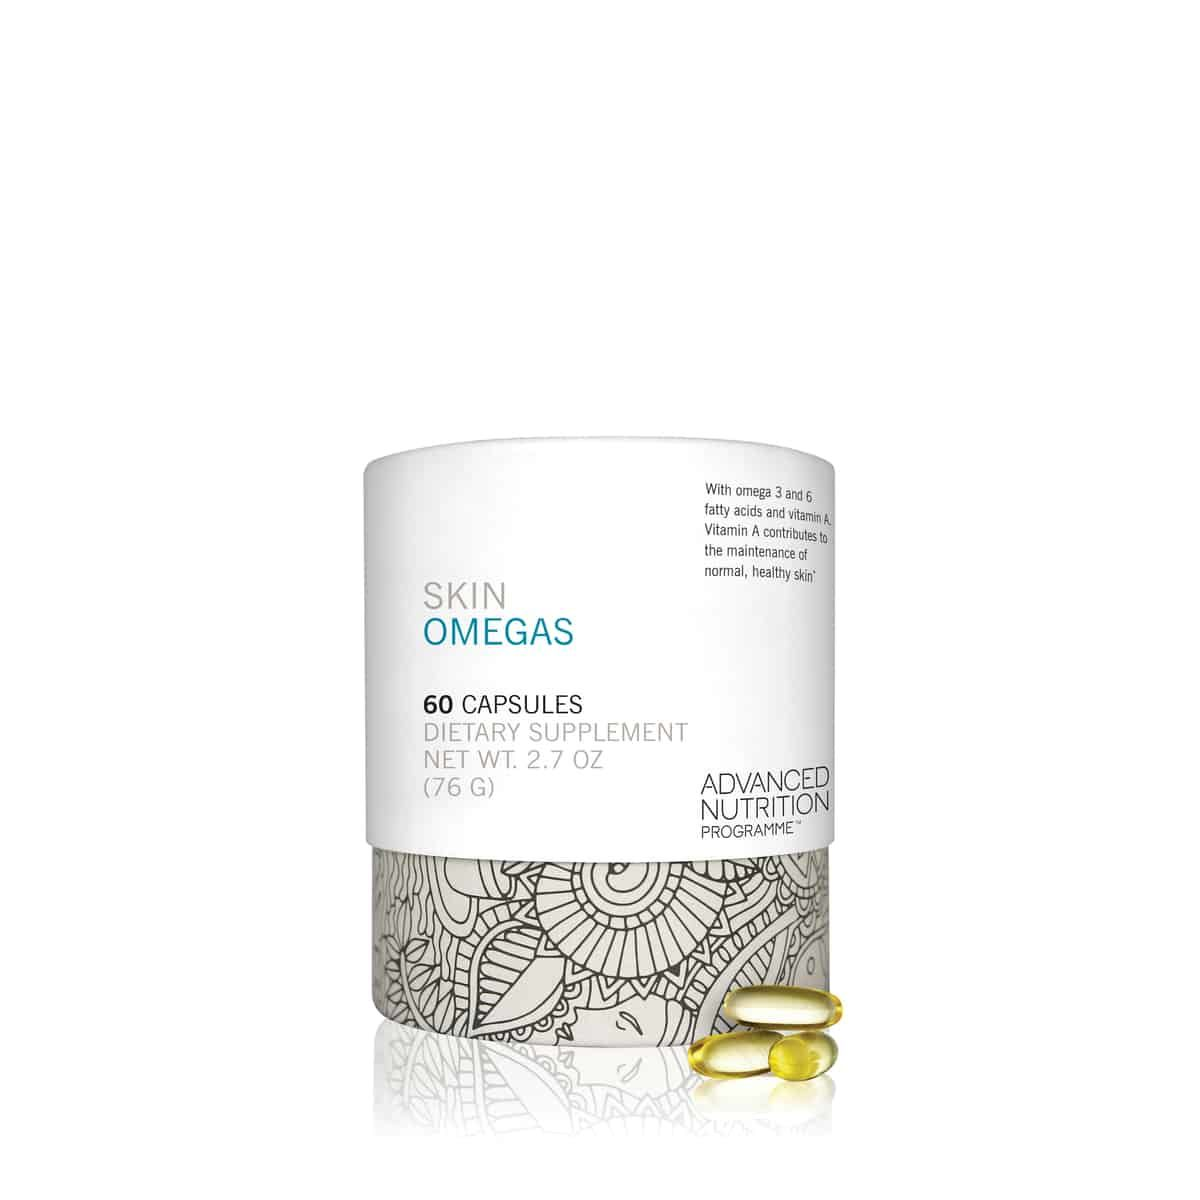 suplementos de pele ômegas skincare